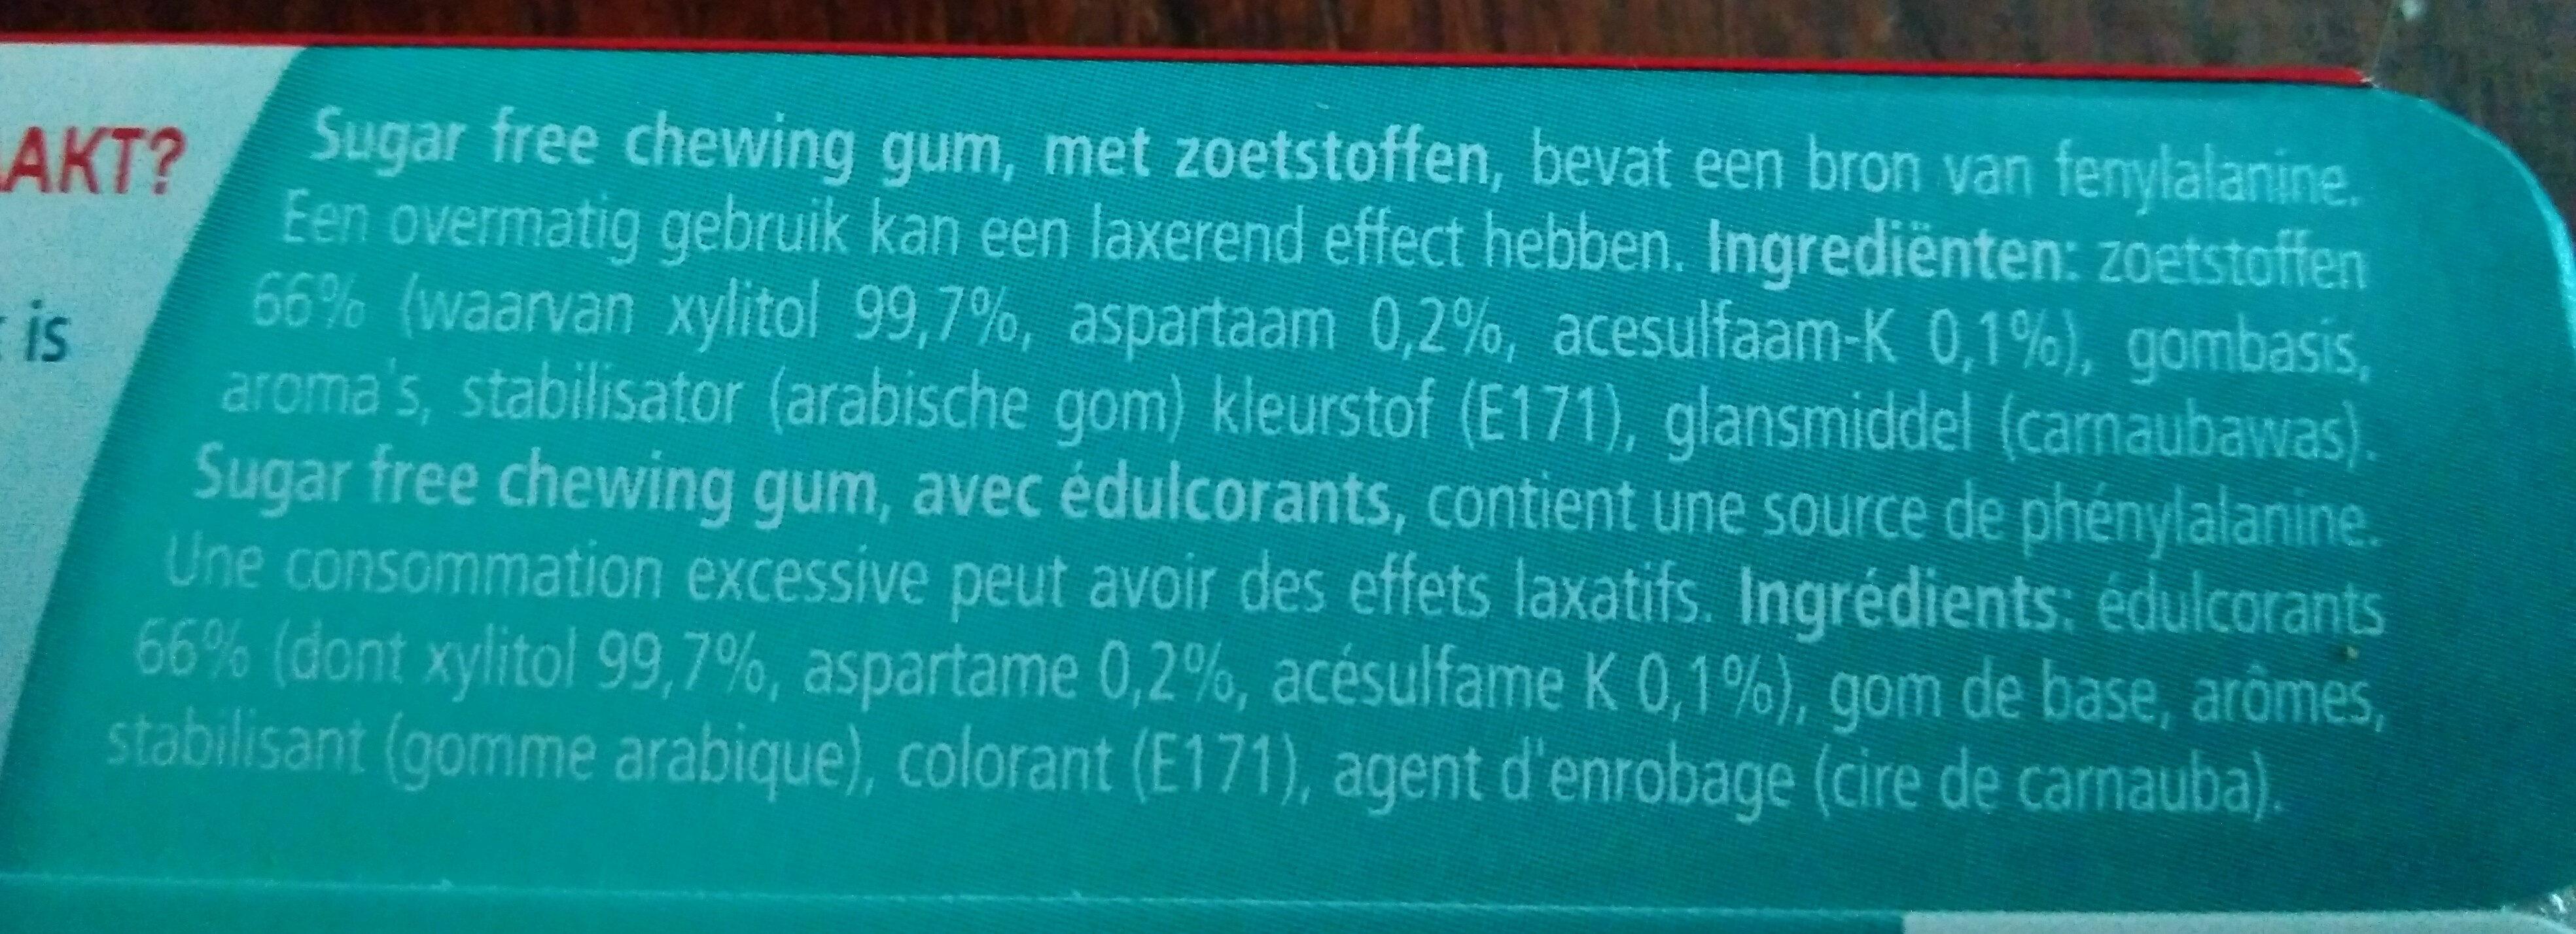 mentholmint sugar free gum - Ingrediënten